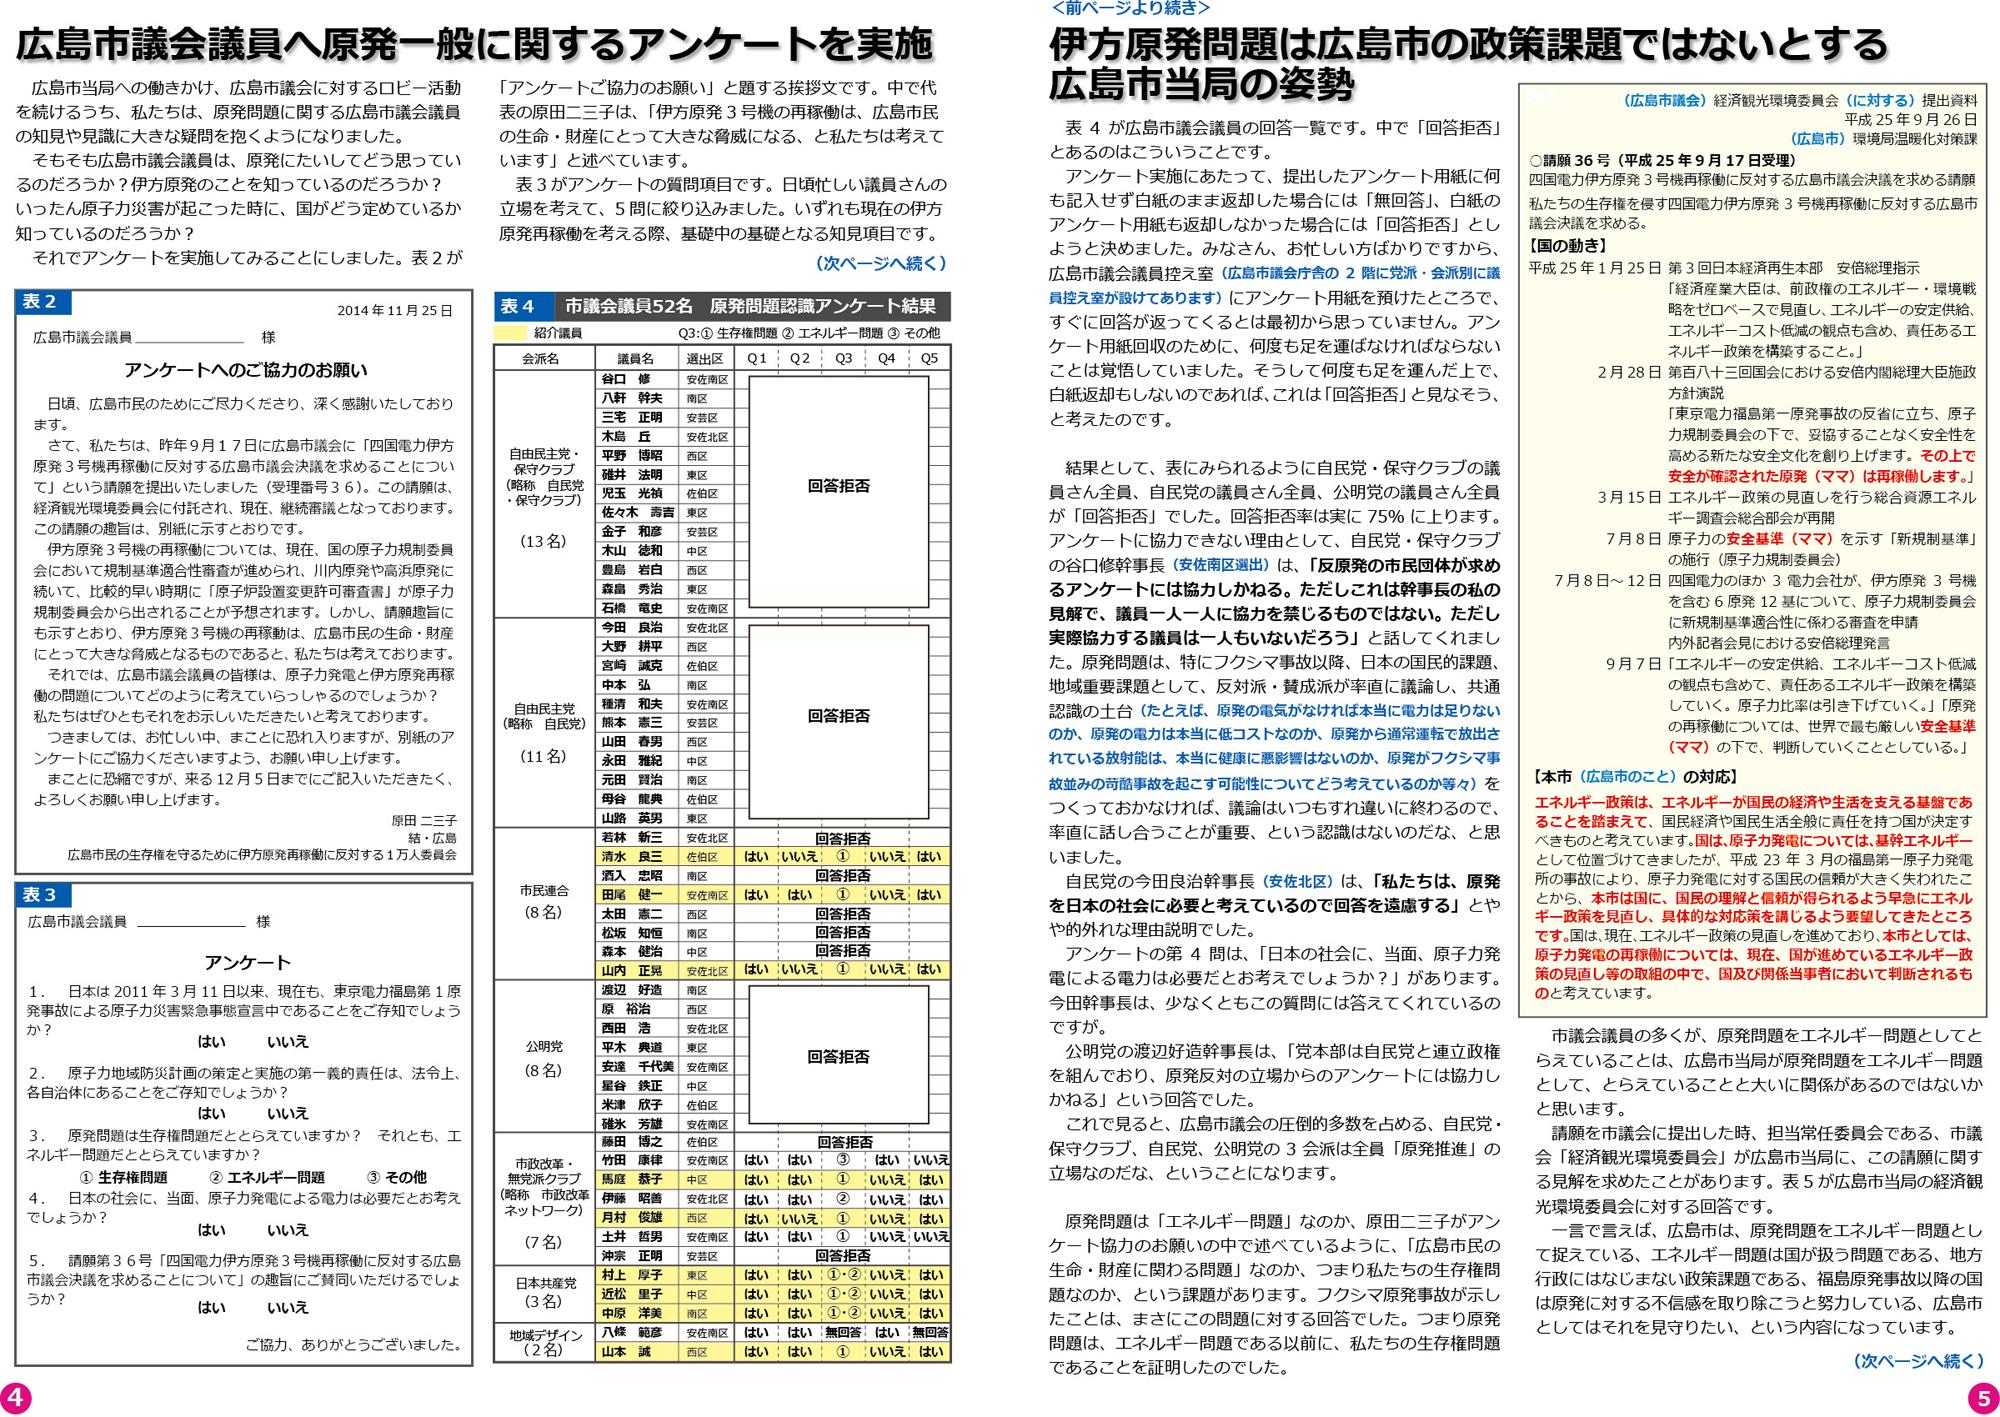 ファイル 409-3.jpg